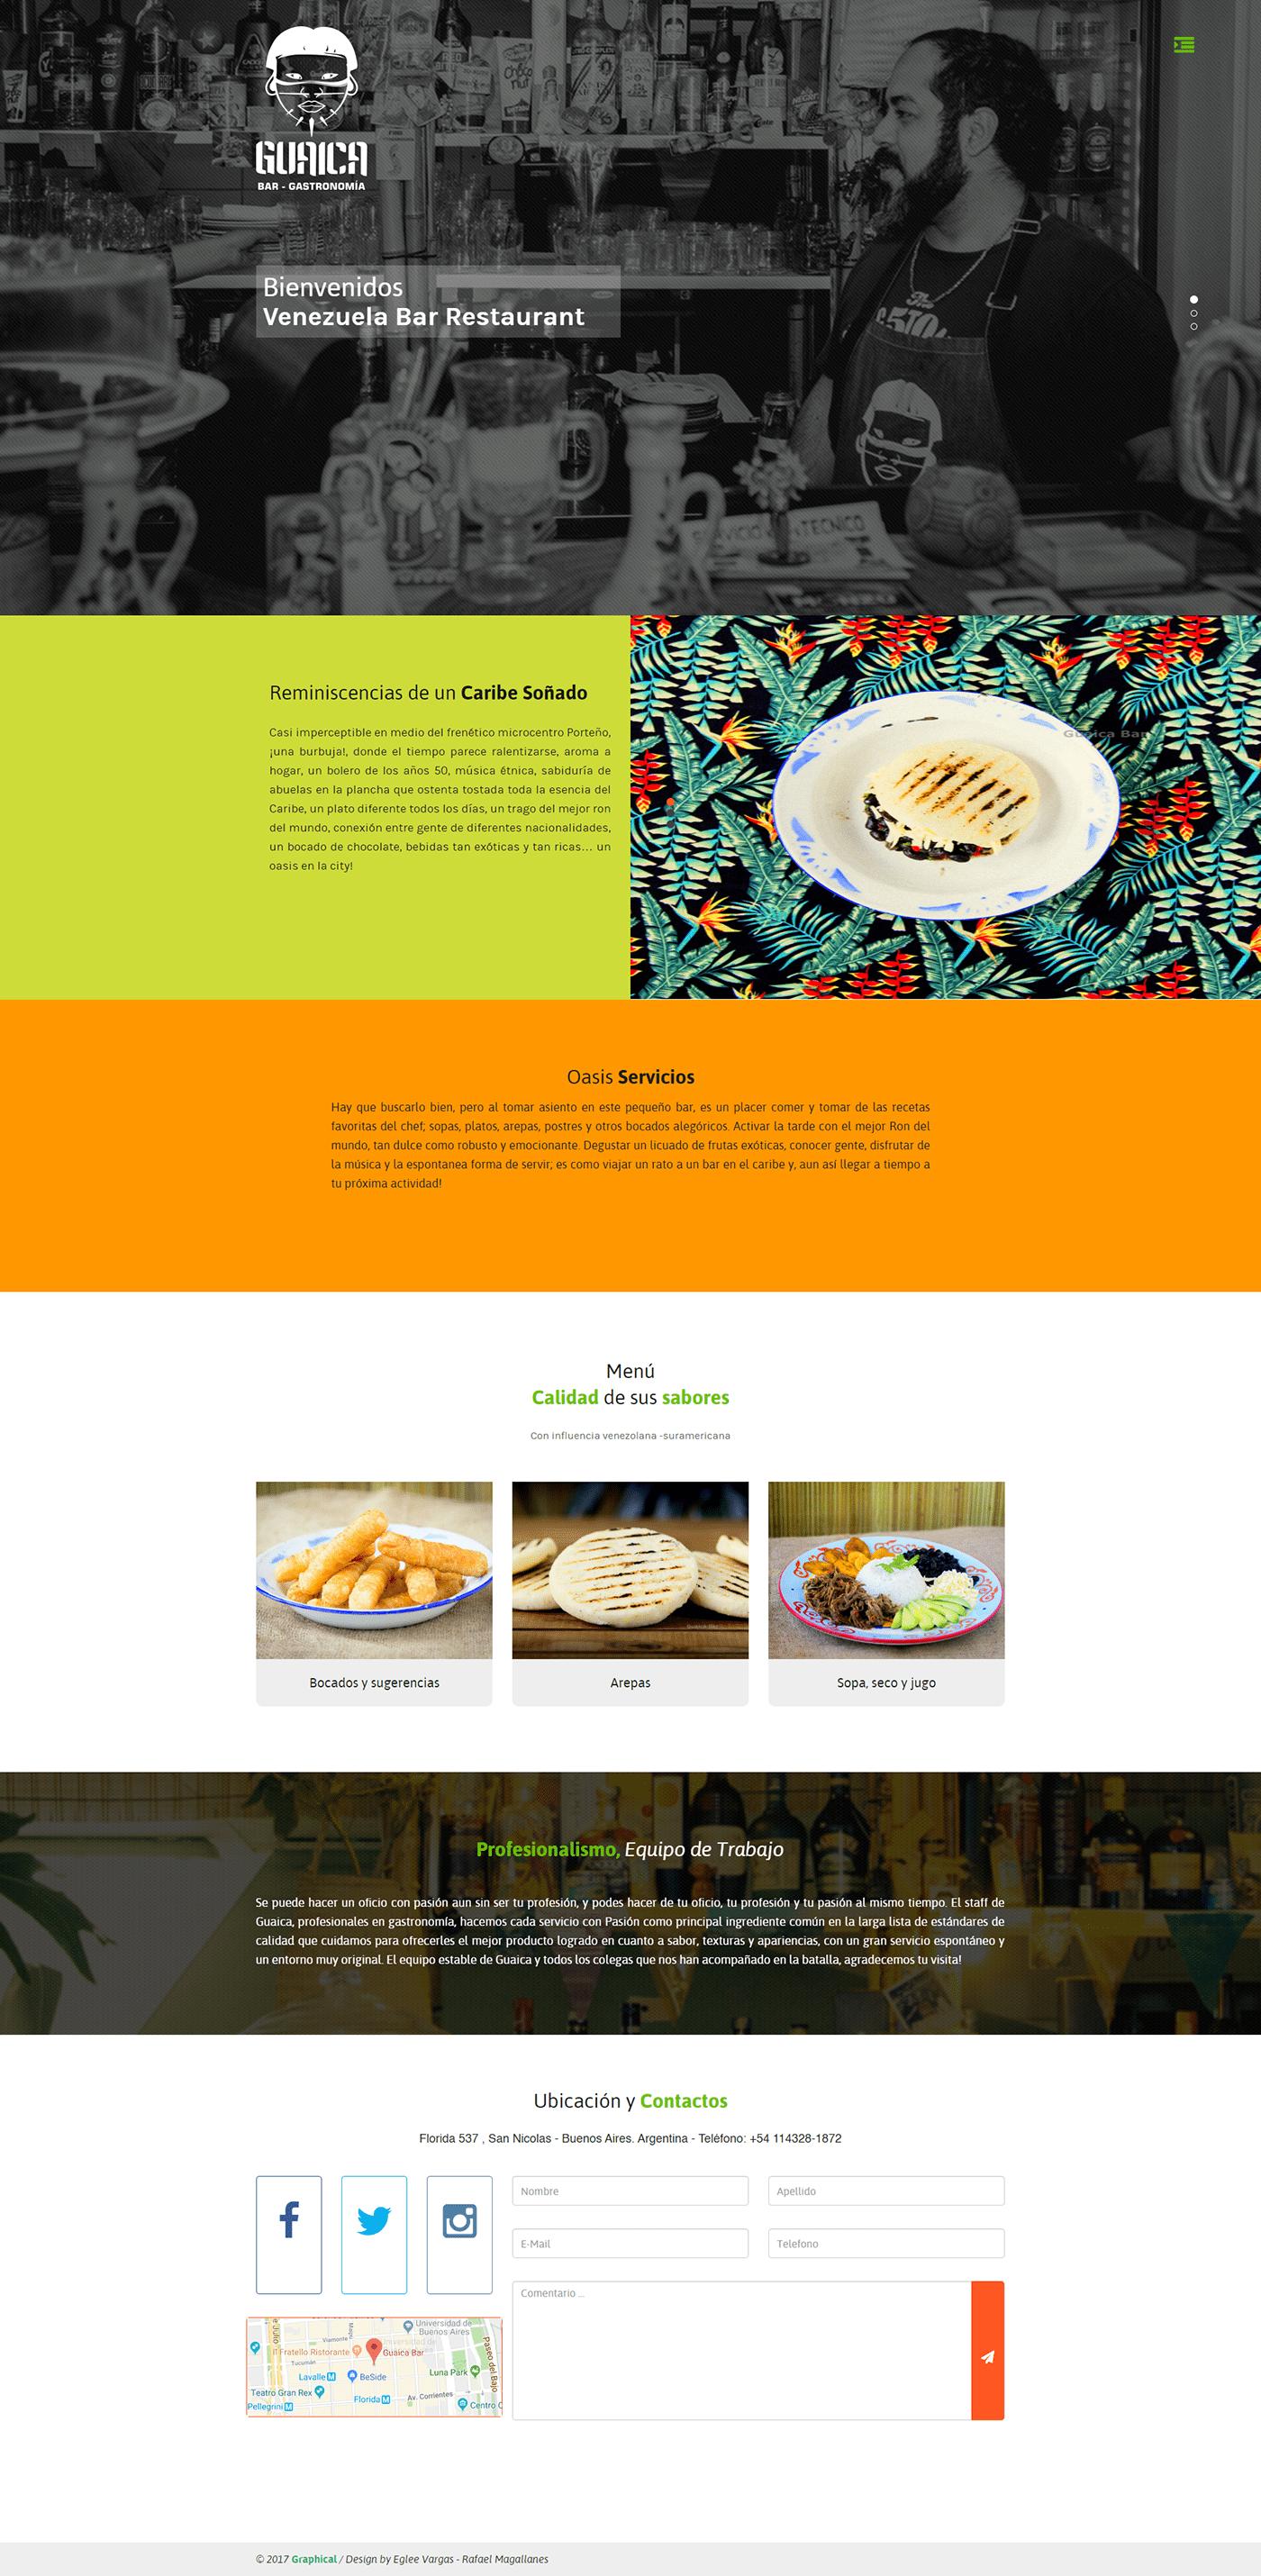 Image may contain: screenshot, fast food and menu